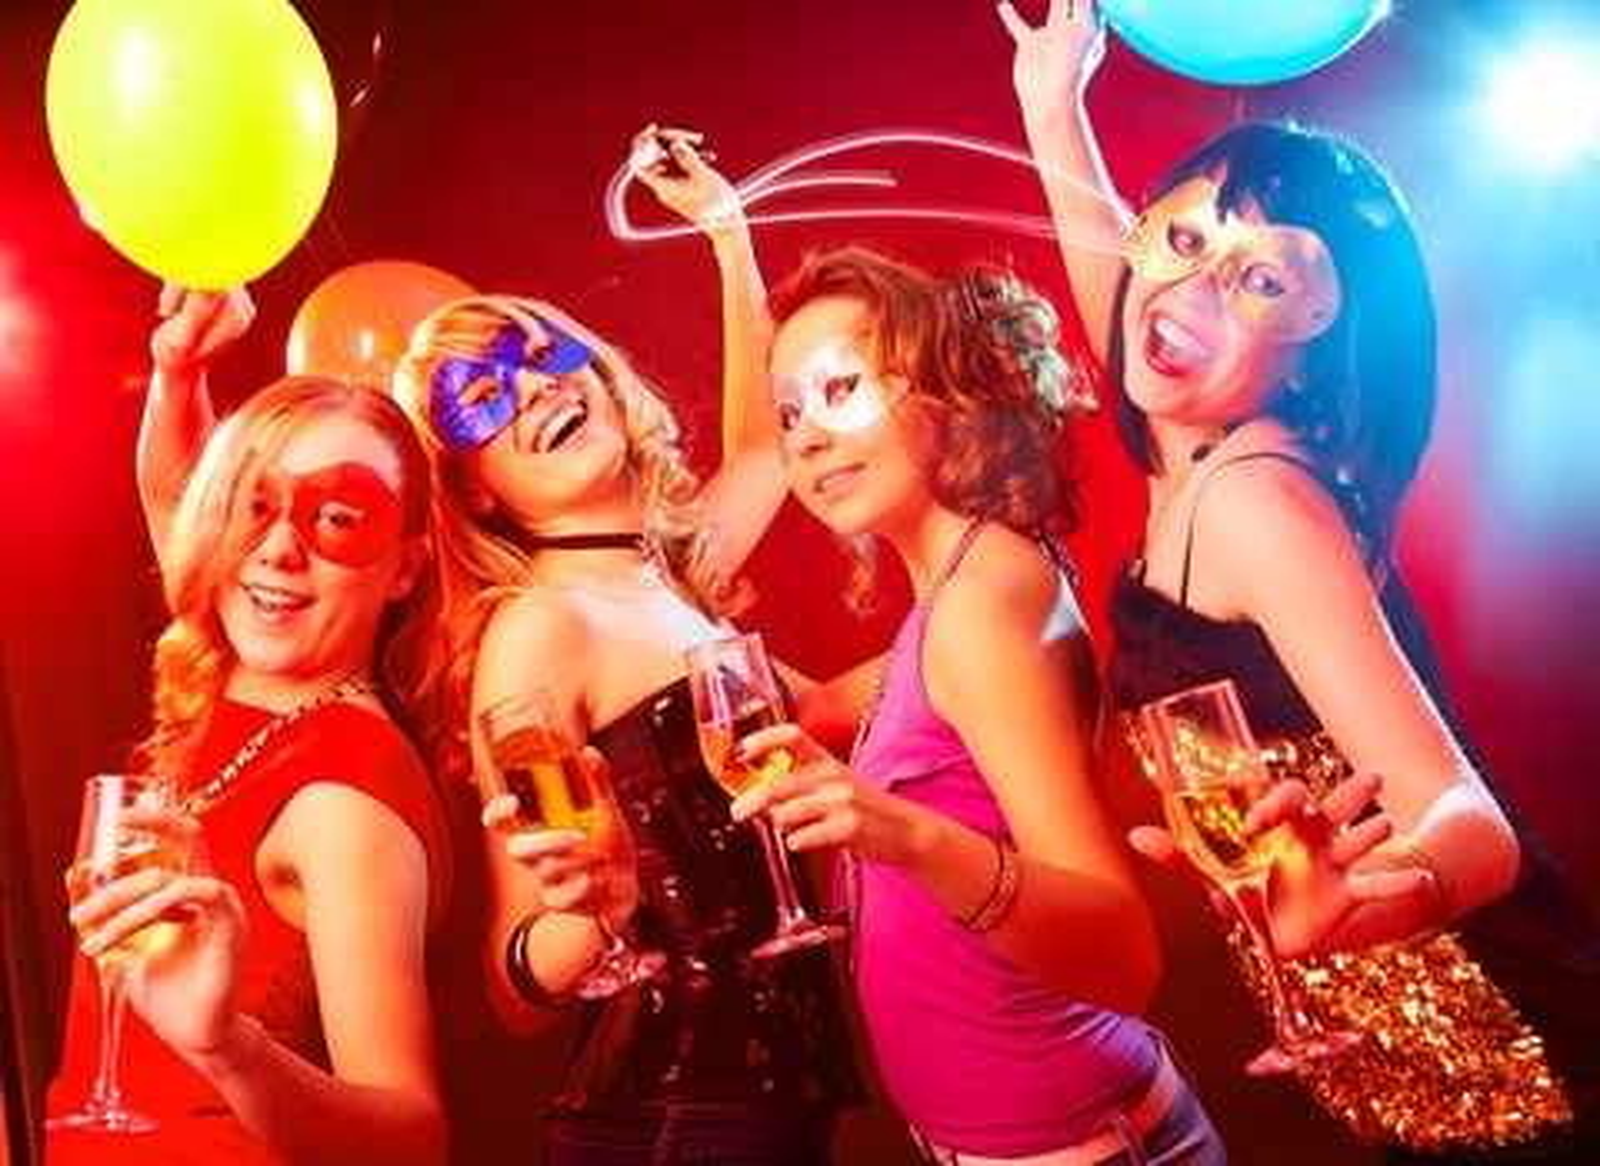 Imagem de Álcool na adolescência: neste Carnaval, você prefere mitar ou micar? no tecmundo